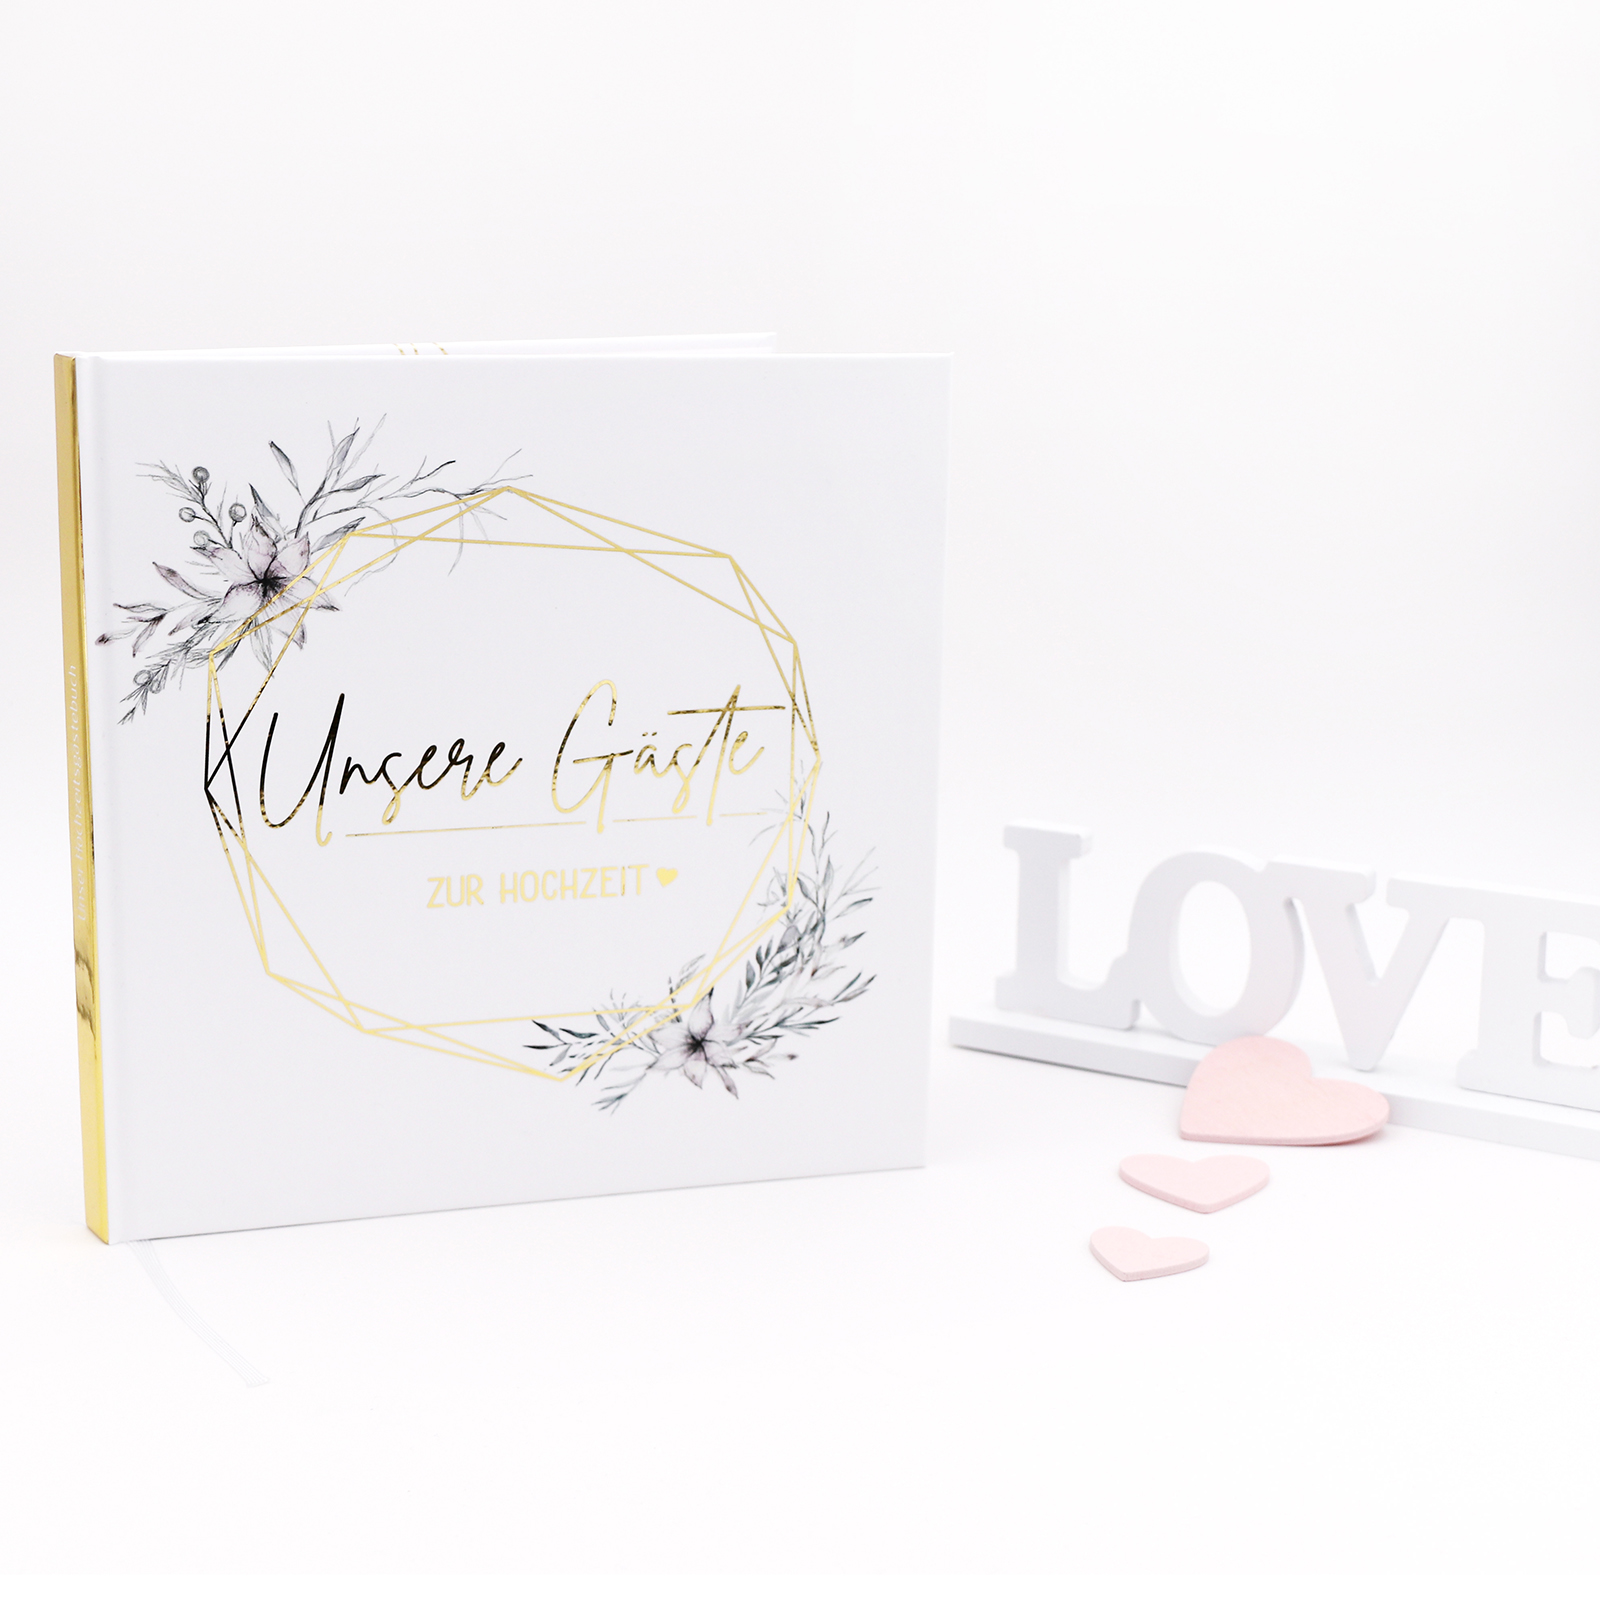 Gästebuch Hochzeit mit Fragen >Grazile mit Herz< - Gold Heissfolie - Hardcover + Fadenheftung - 120